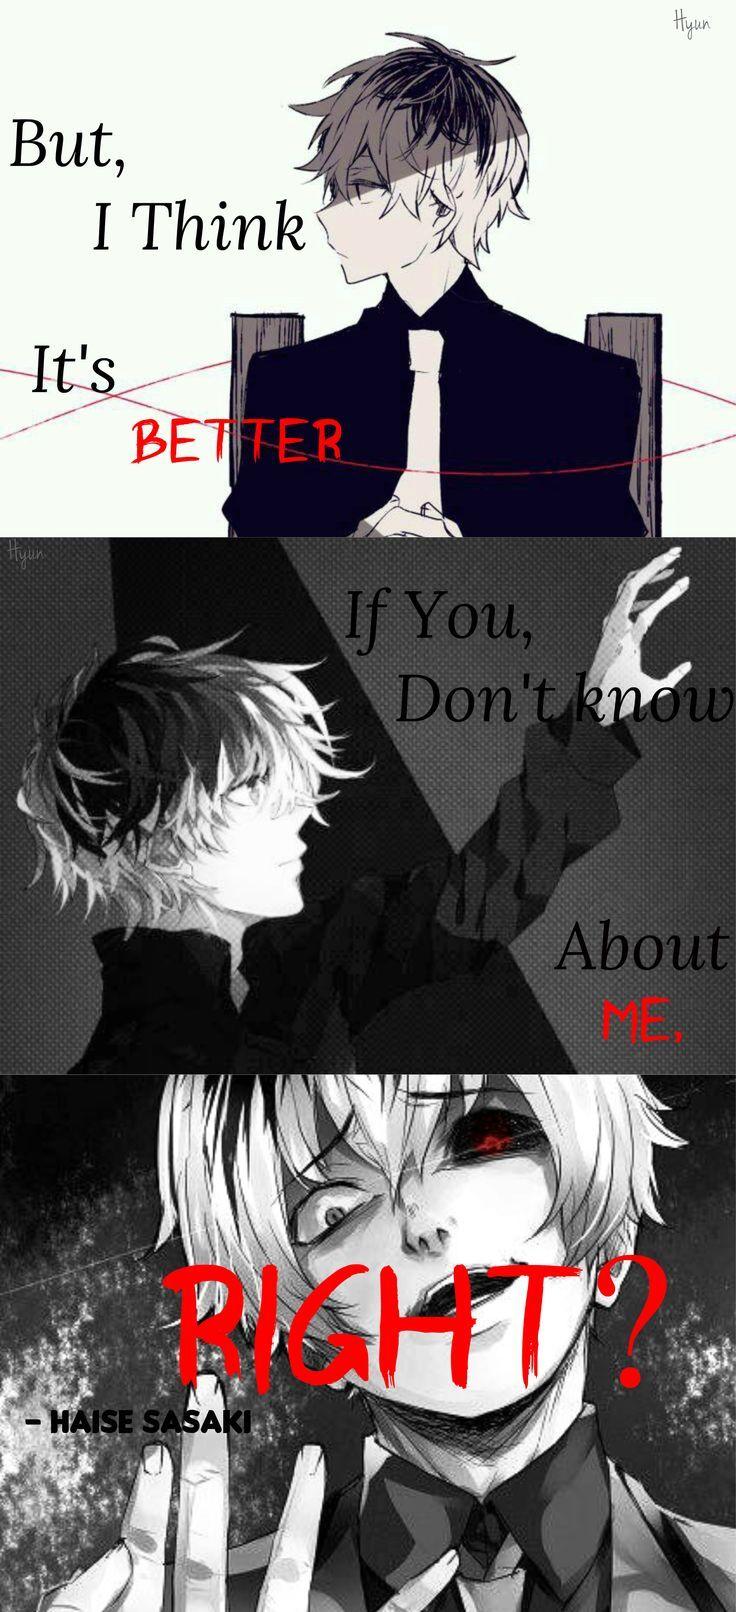 Ich bin damit einverstanden, mich nicht zu kennen. dann rede nicht mit mir ..: (-